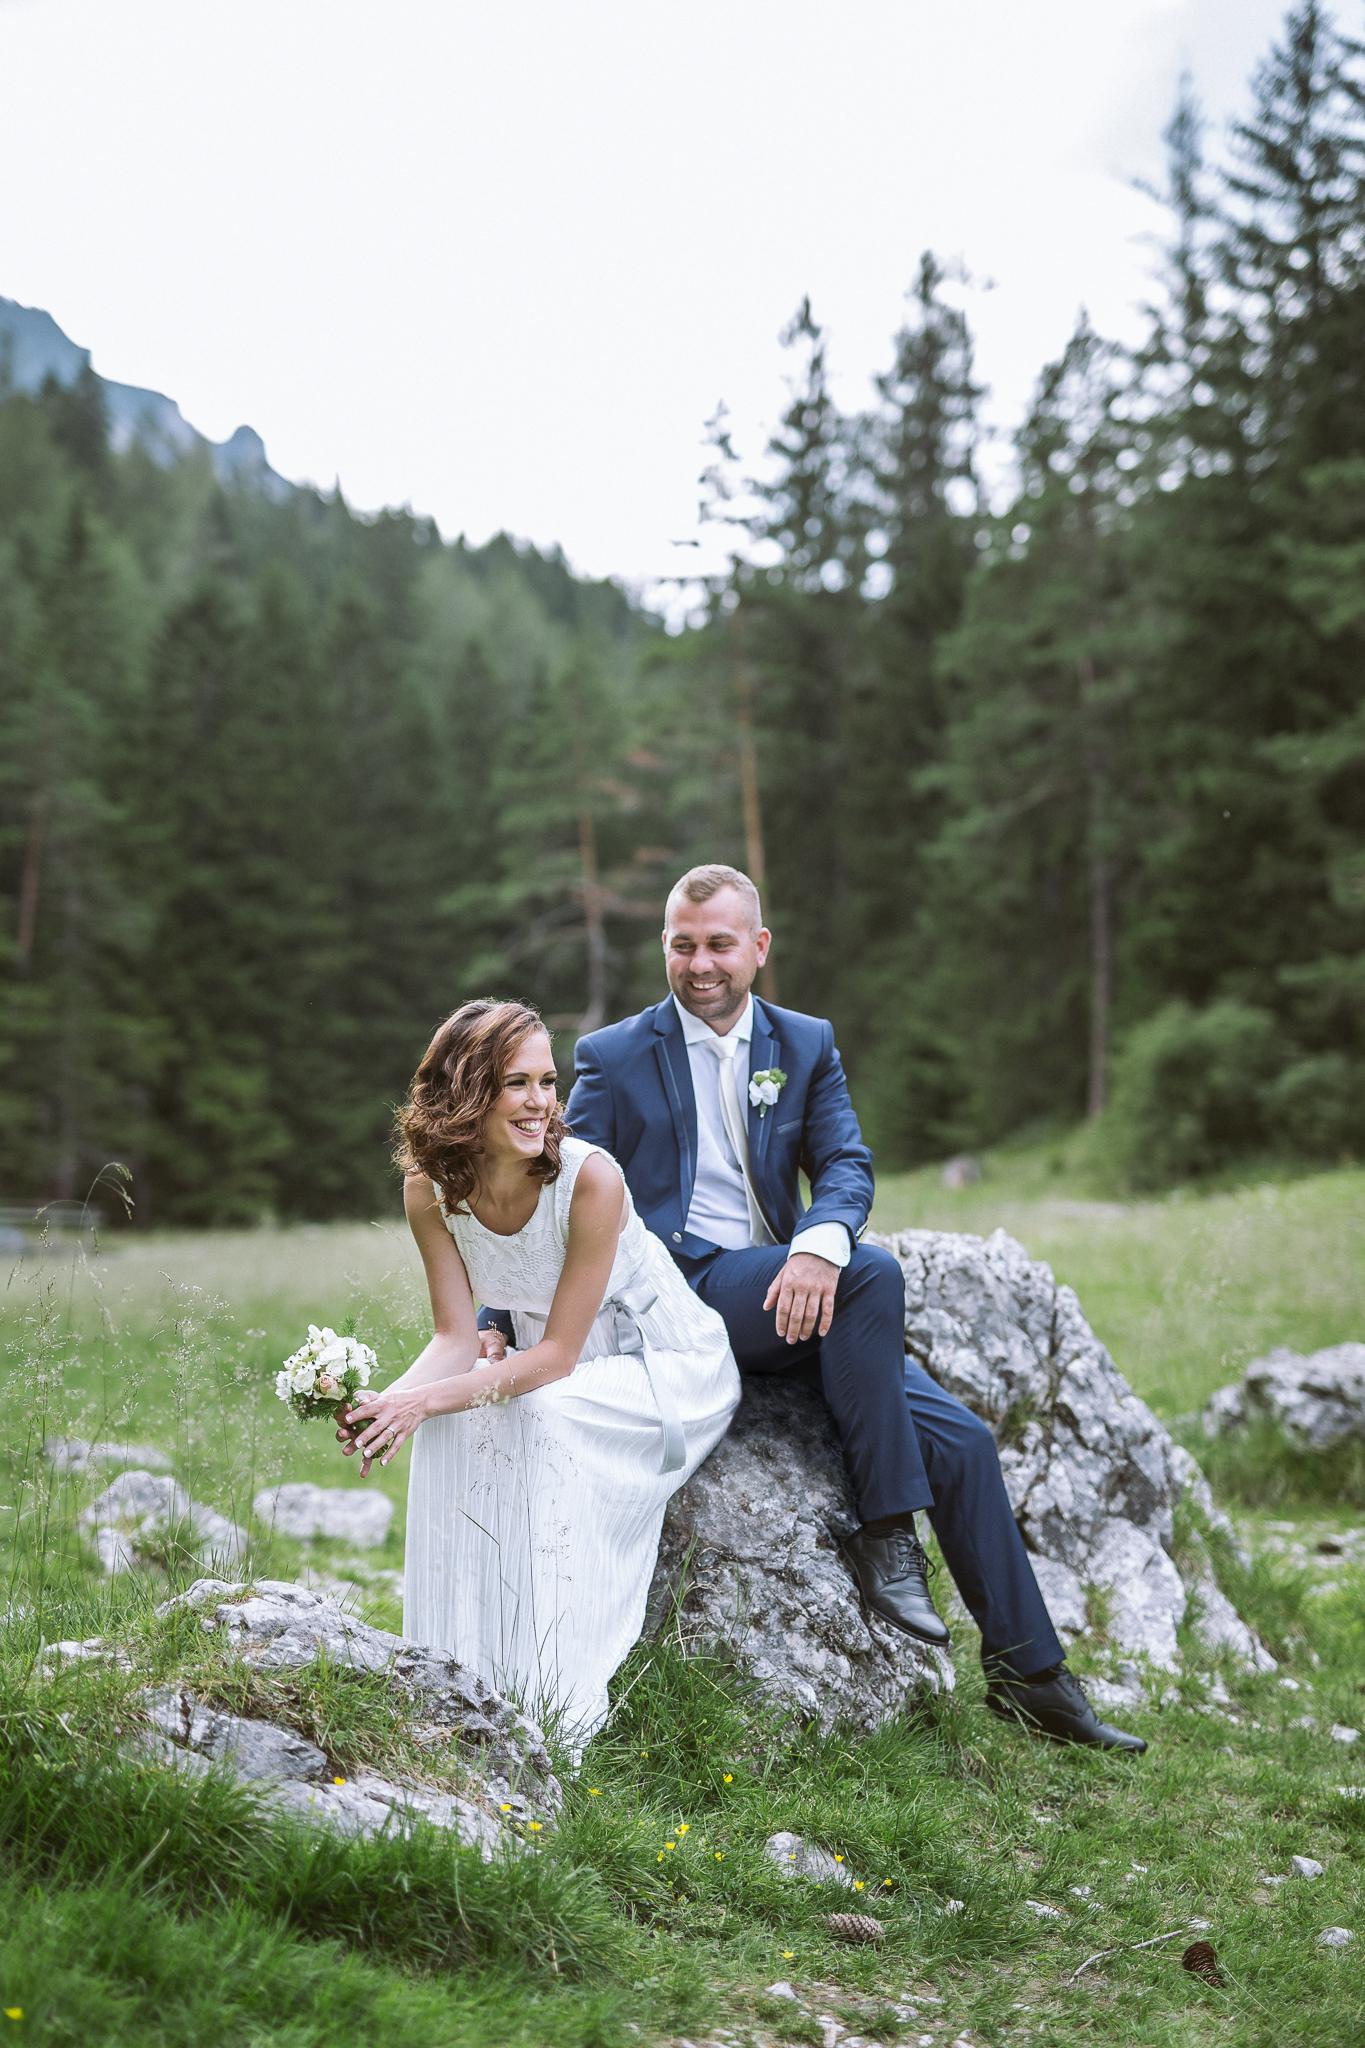 FylepPhoto, esküvőfotózás, magyarország, esküvői fotós, vasmegye, prémium, jegyesfotózás, Fülöp Péter, körmend, kreatív, grüner see_06.jpg